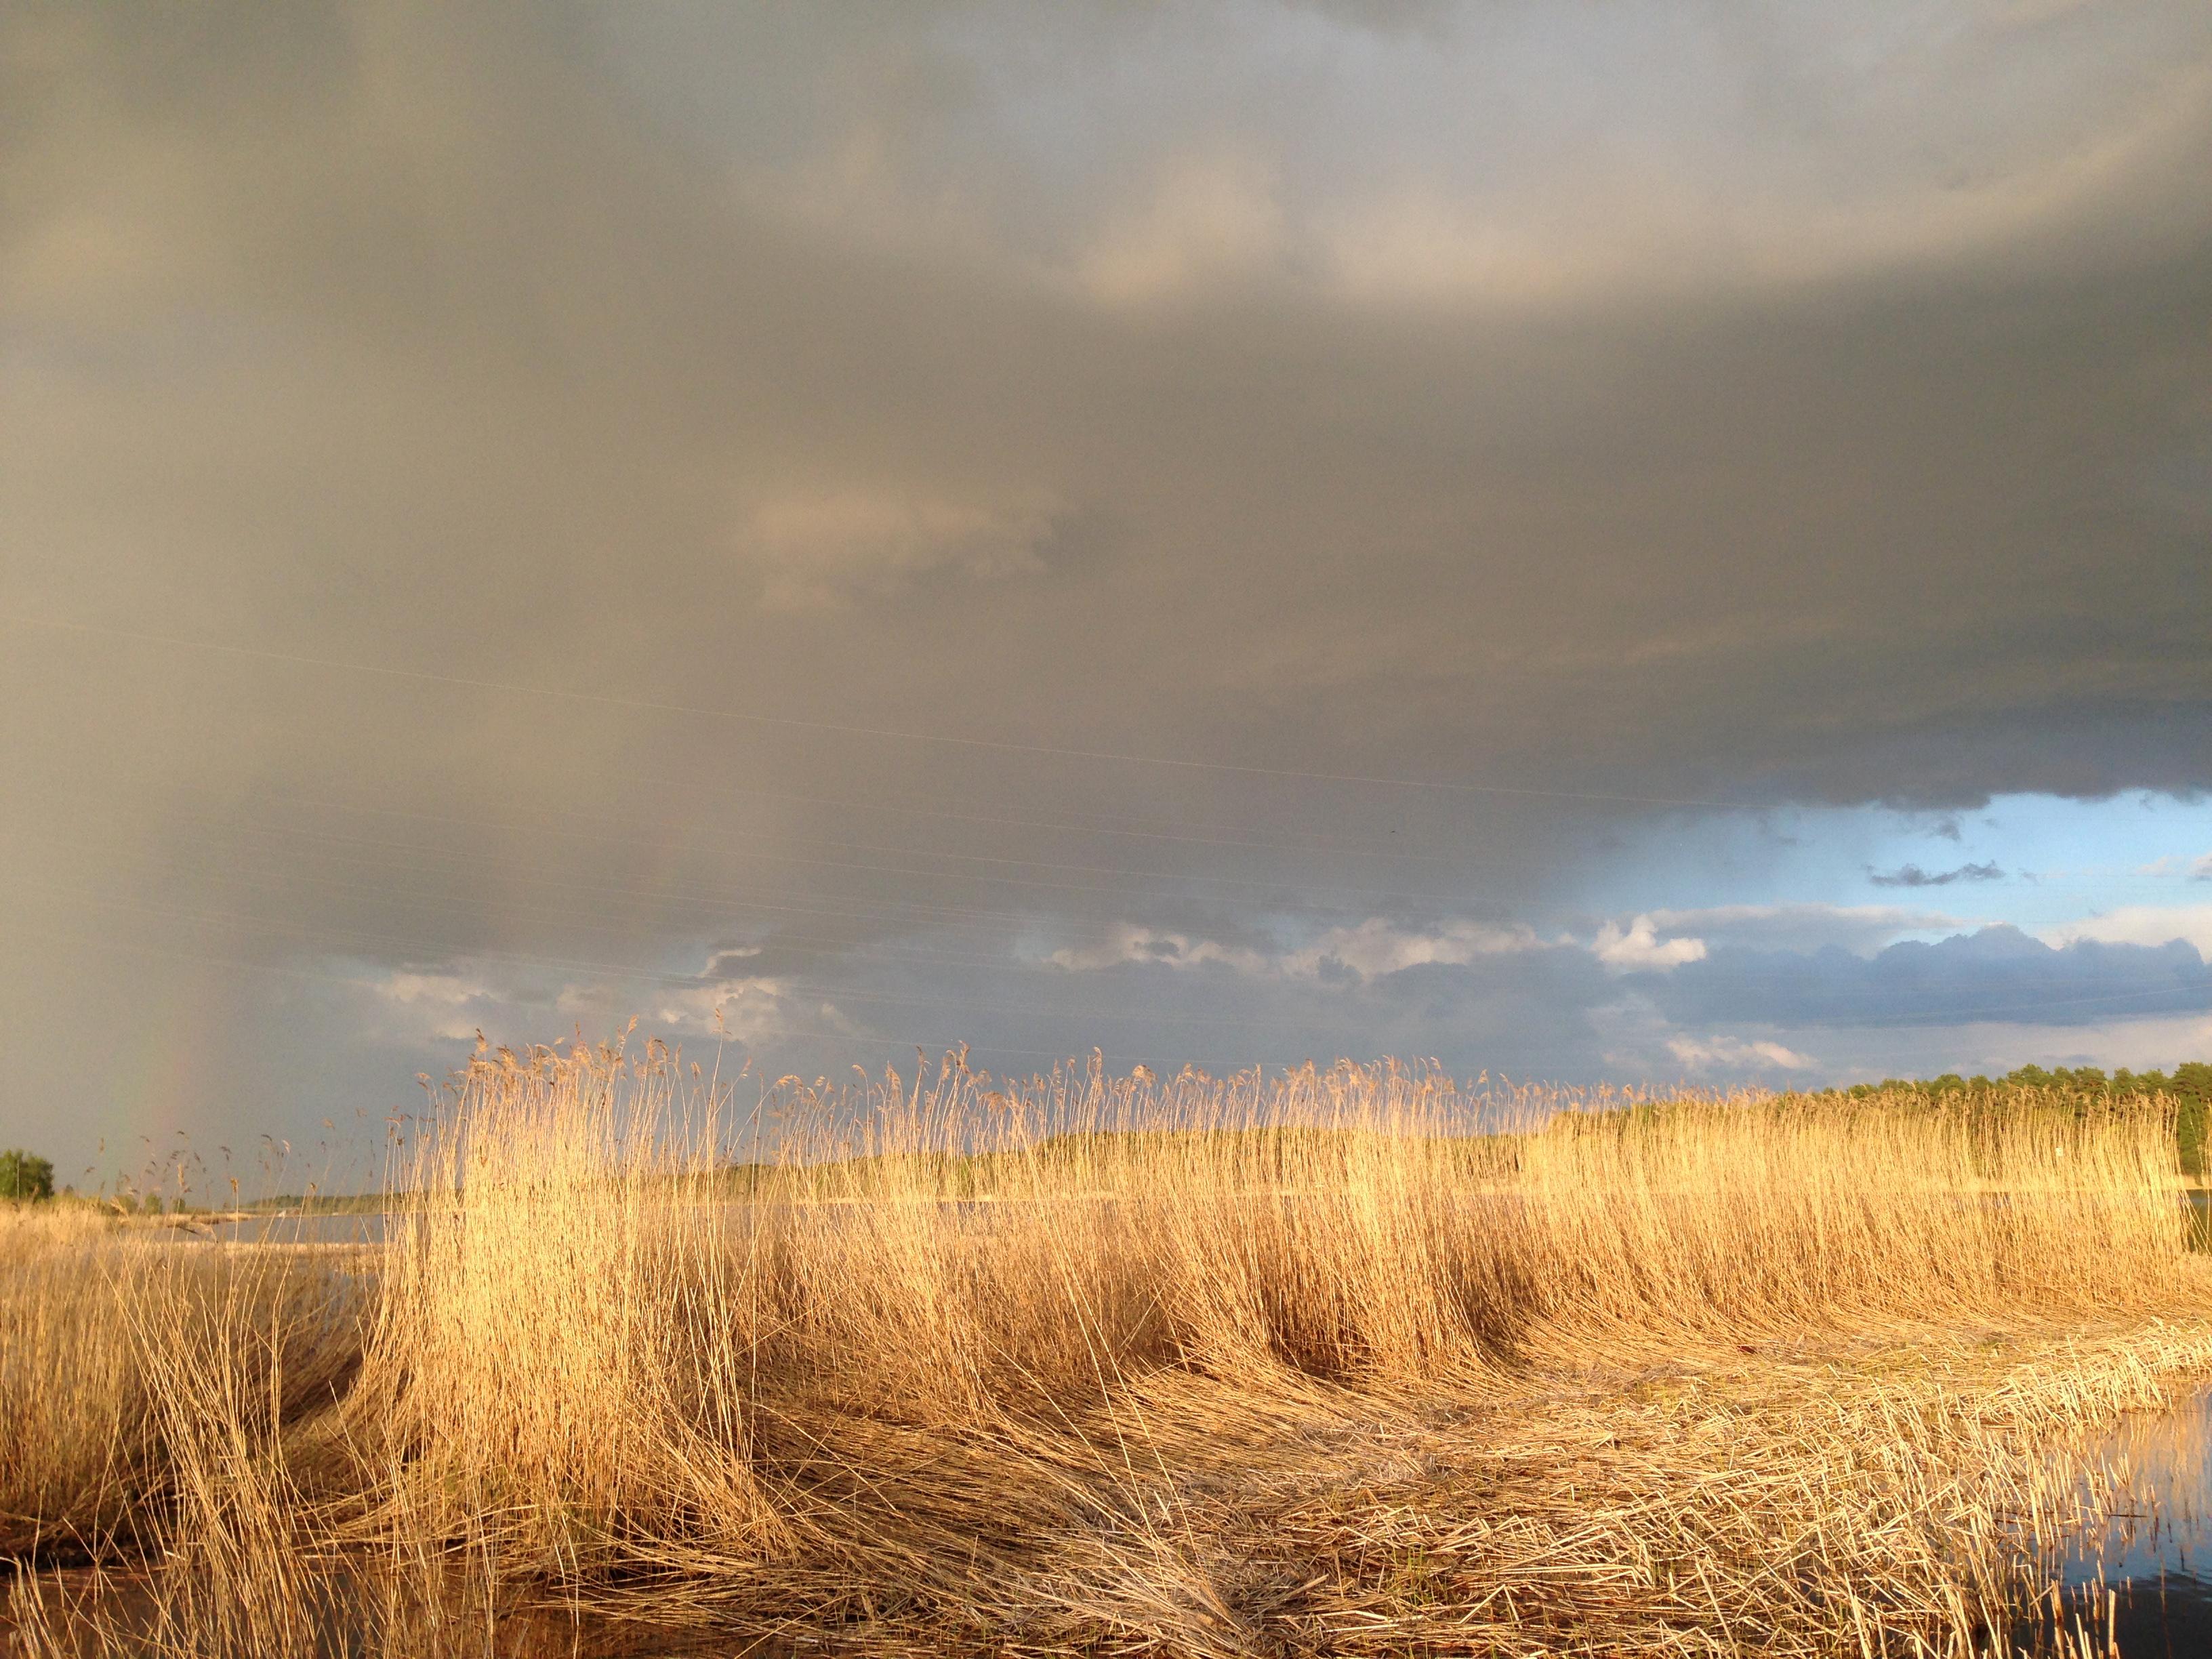 Рыбалка лещ радуга май речной пейзаж юрмала лиелупе пейзажи природы Альберт Сафиуллин